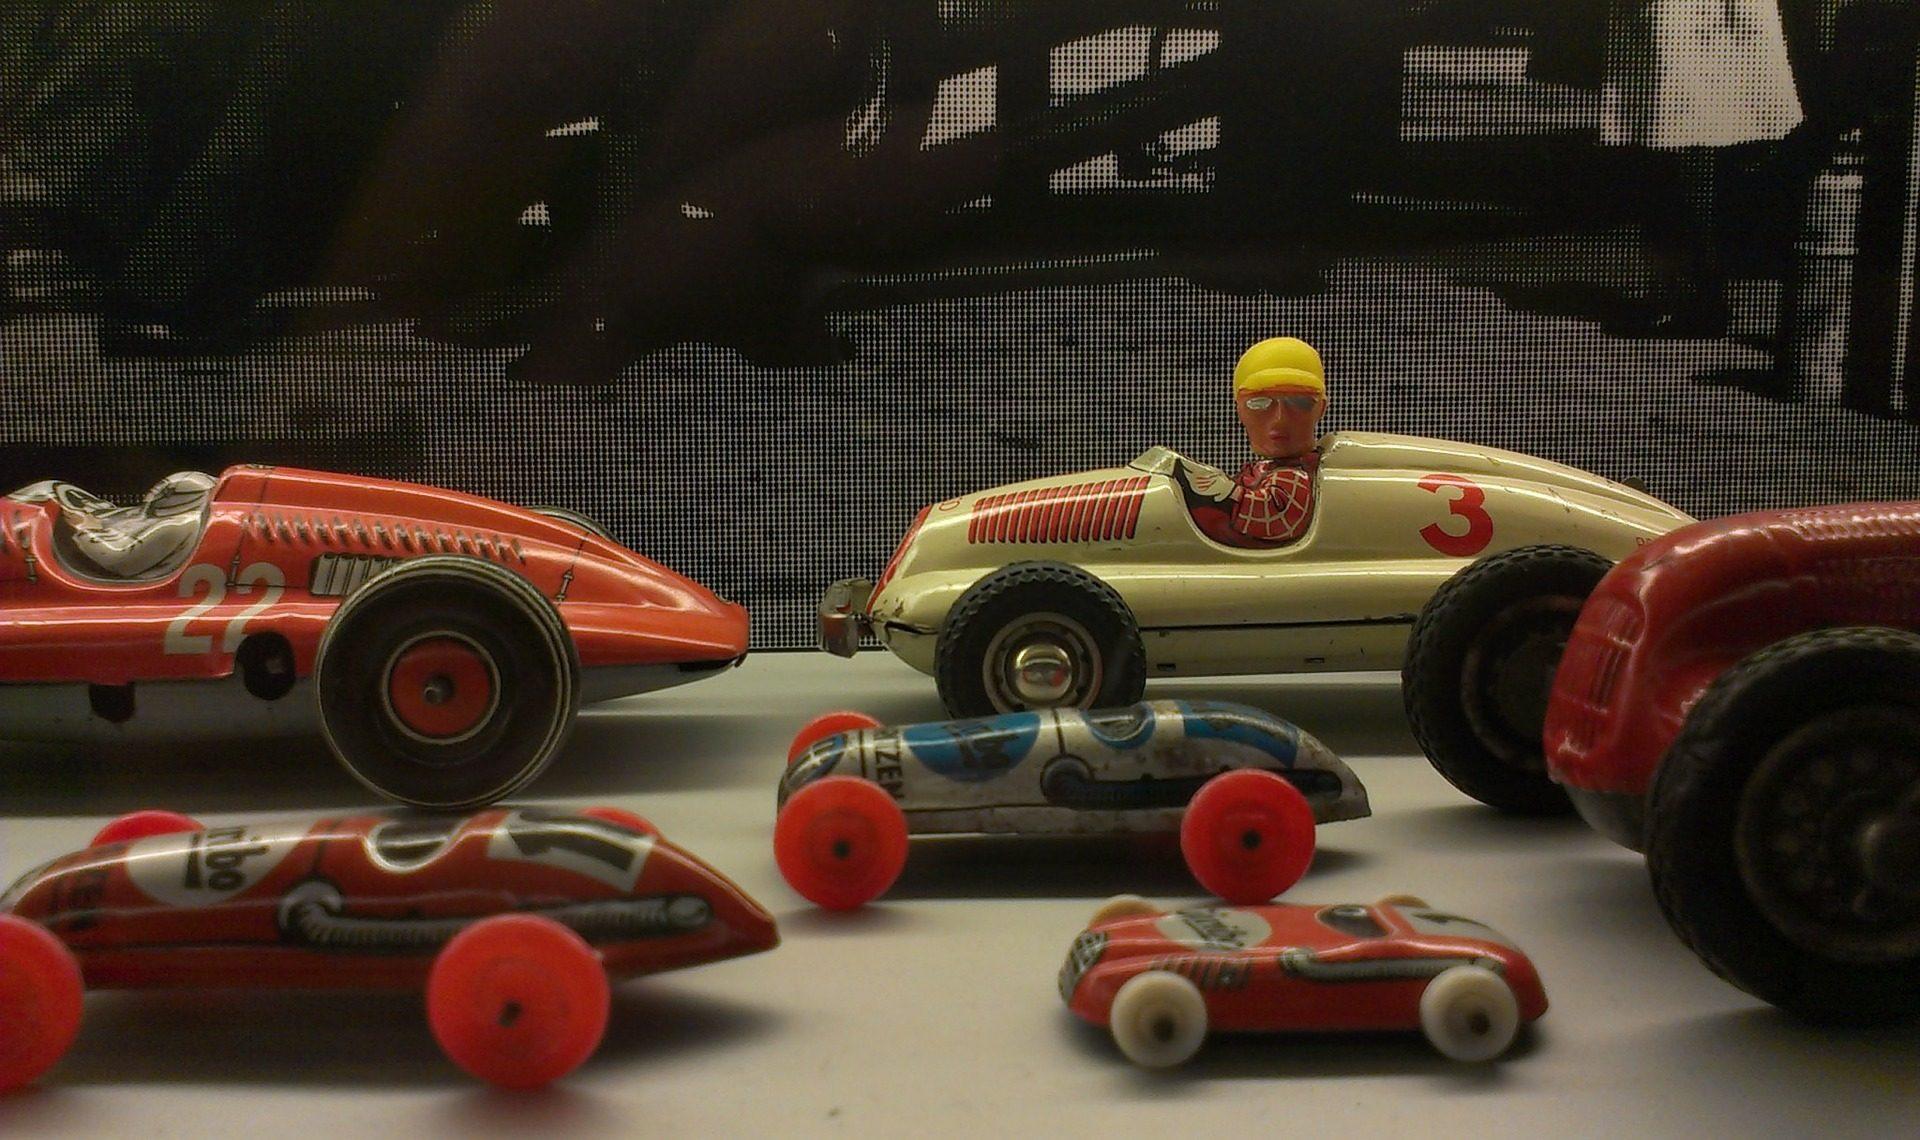 tin-toys-261304_1920